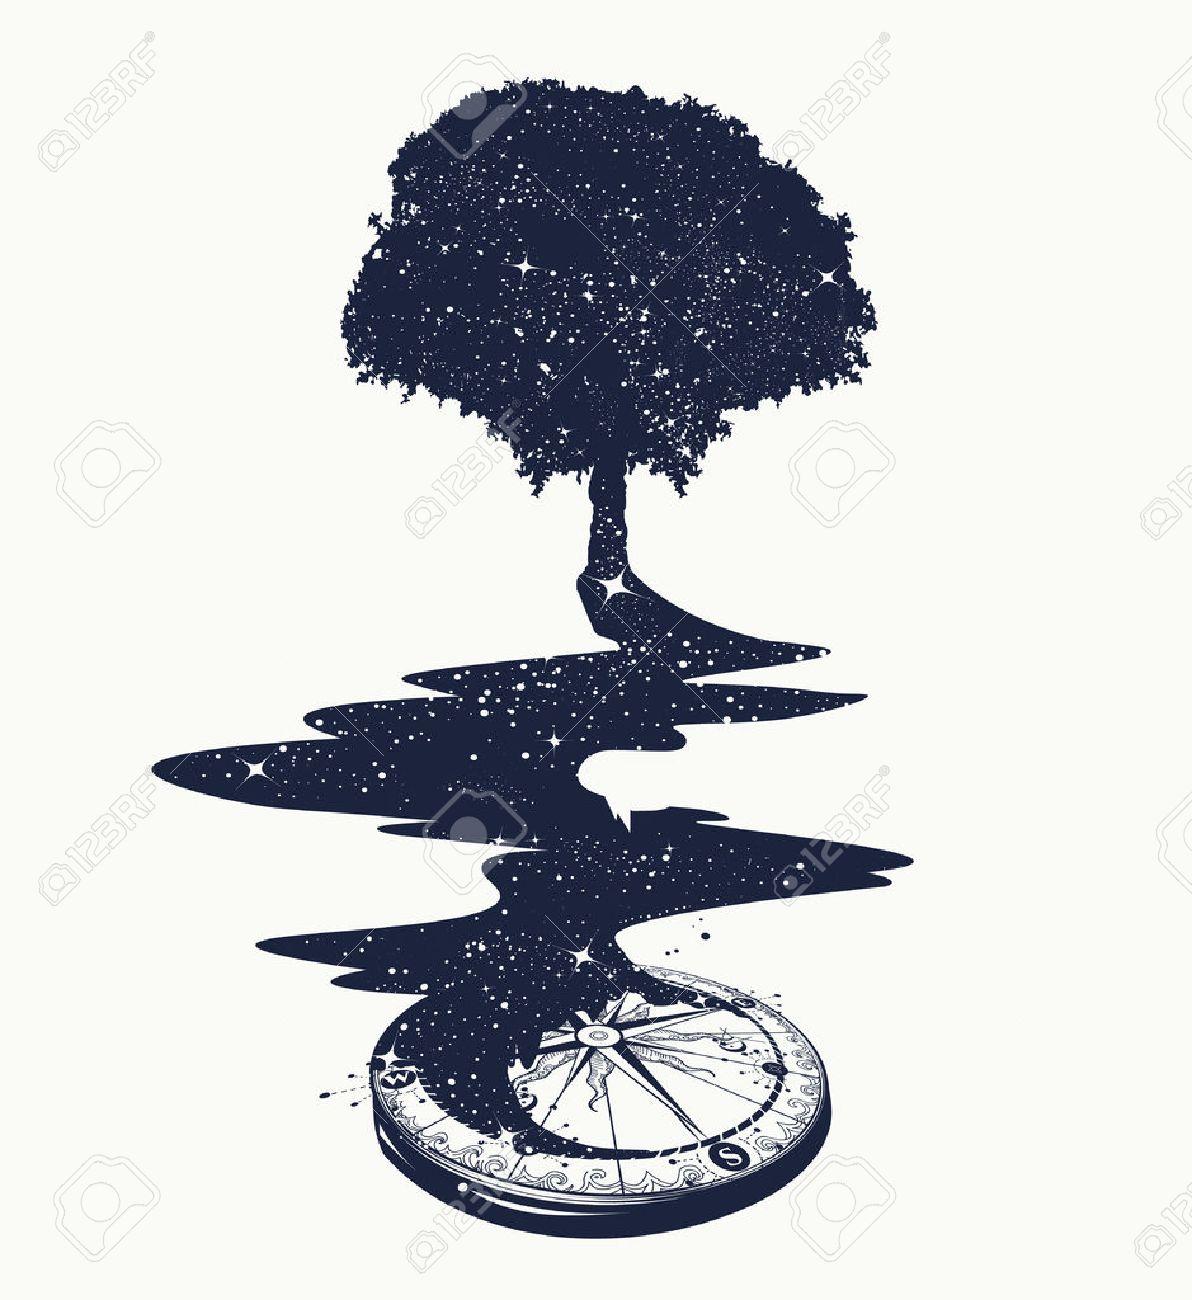 Arte Mágico Tatuaje Del árbol Río De Estrellas Símbolo De La